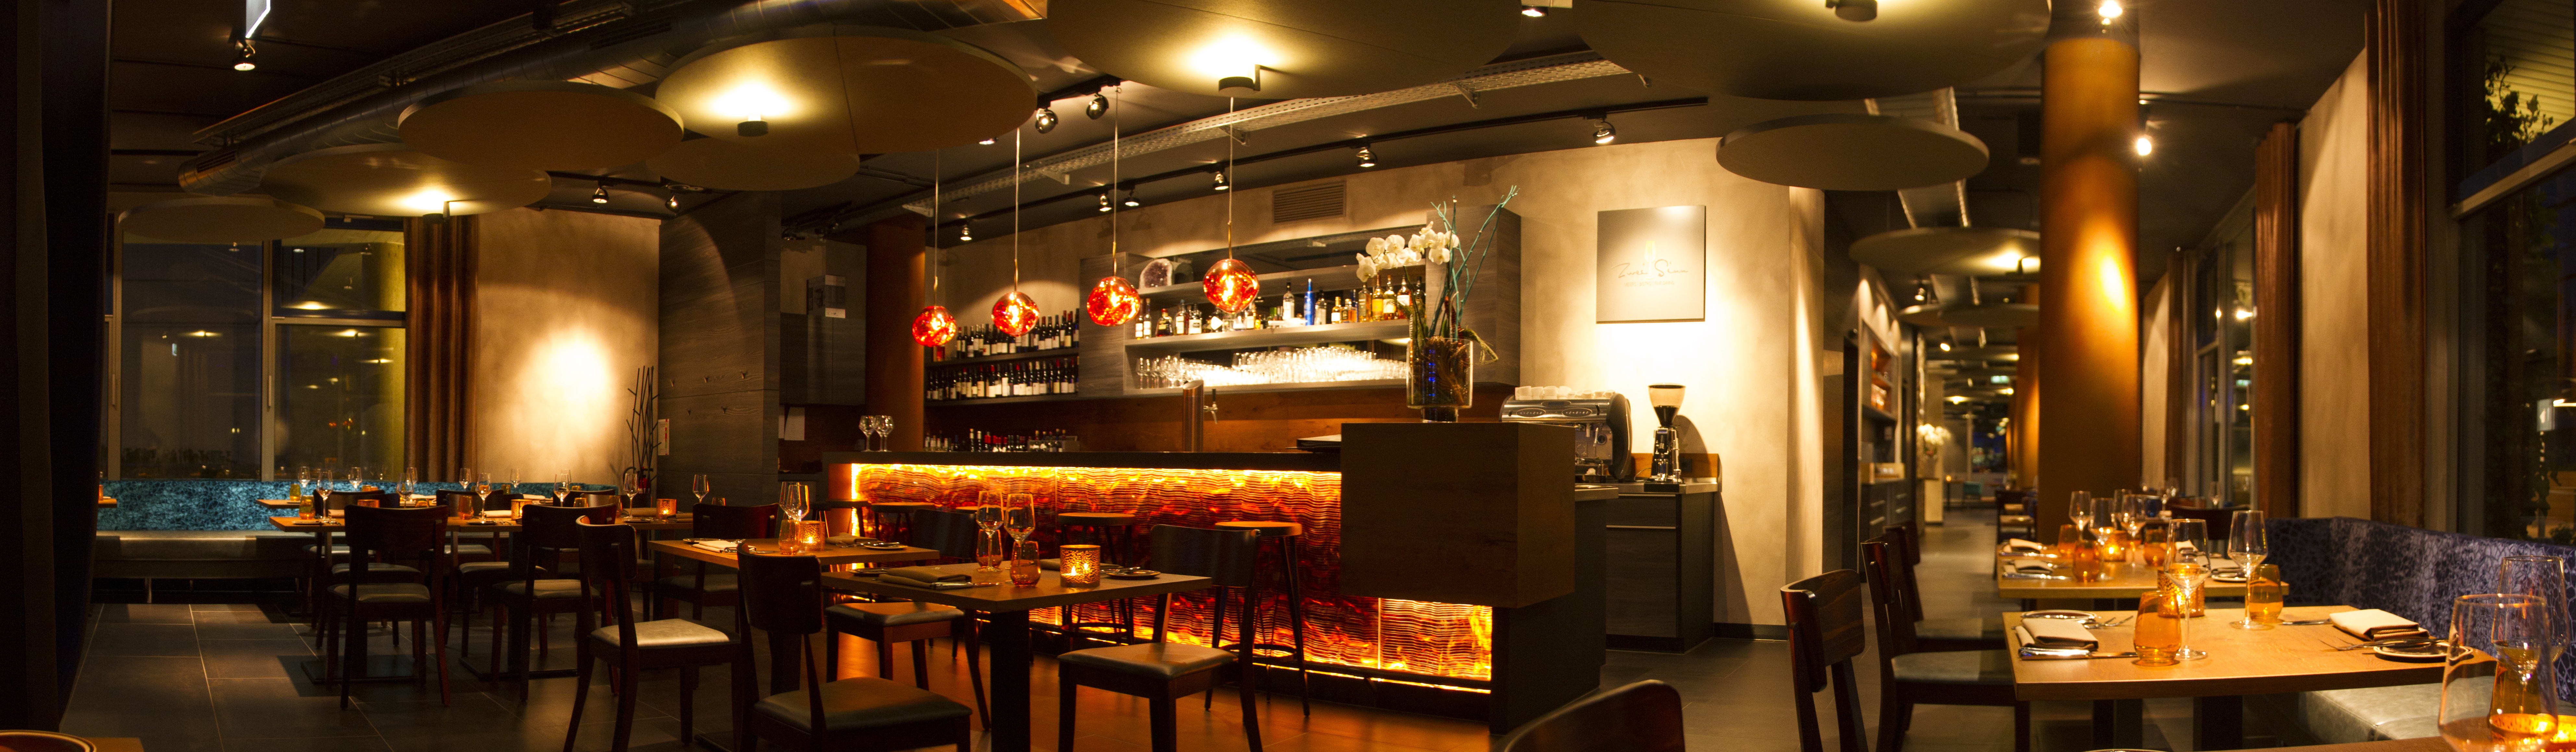 Mr bleck coffeeshop erlangen de pfriem innenarchitektur for Innenarchitektur erlangen